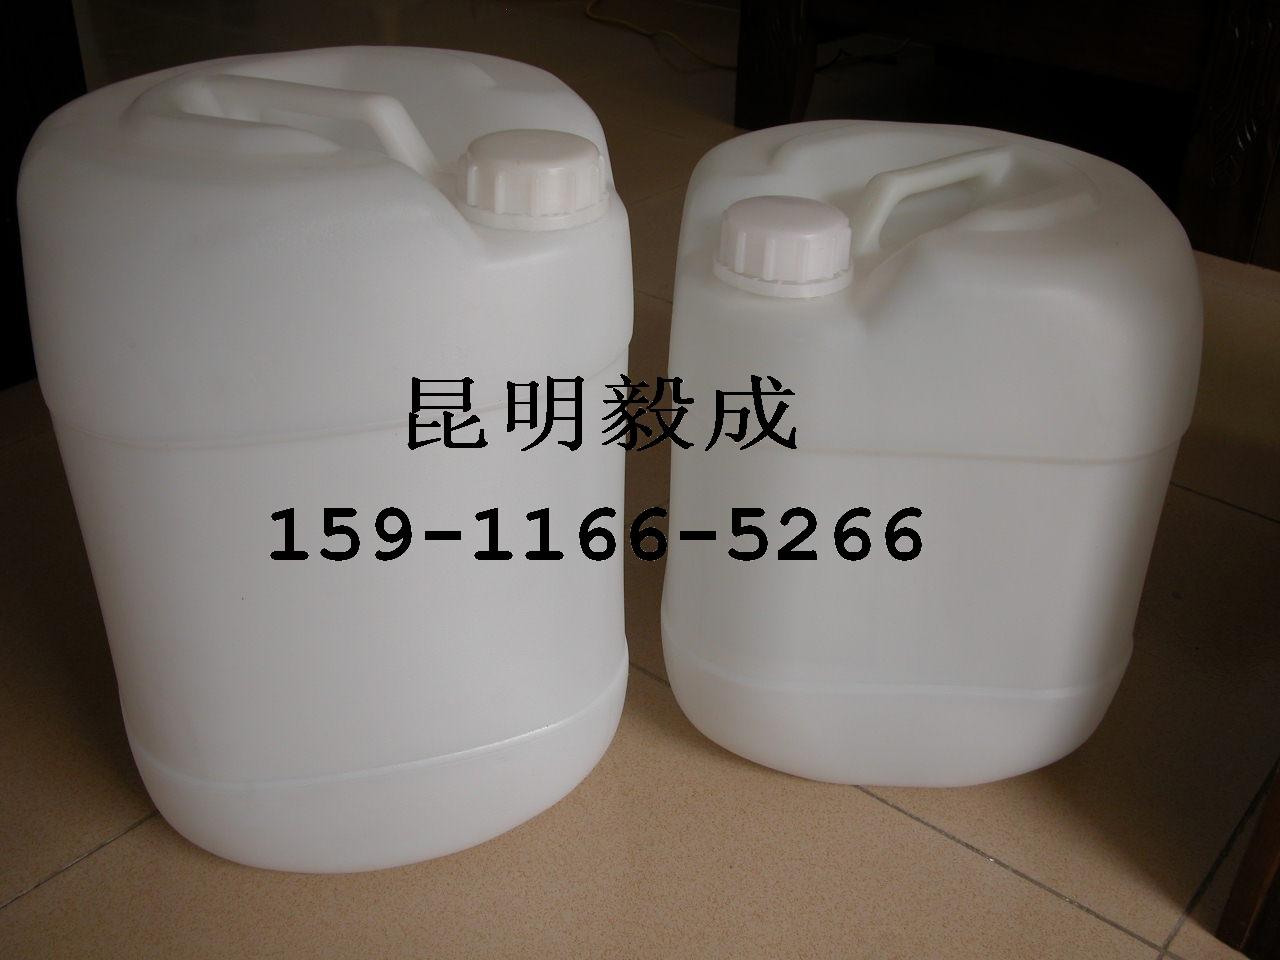 昆明油桶回收昆明油桶销售昆明油桶批发配送昆明油桶